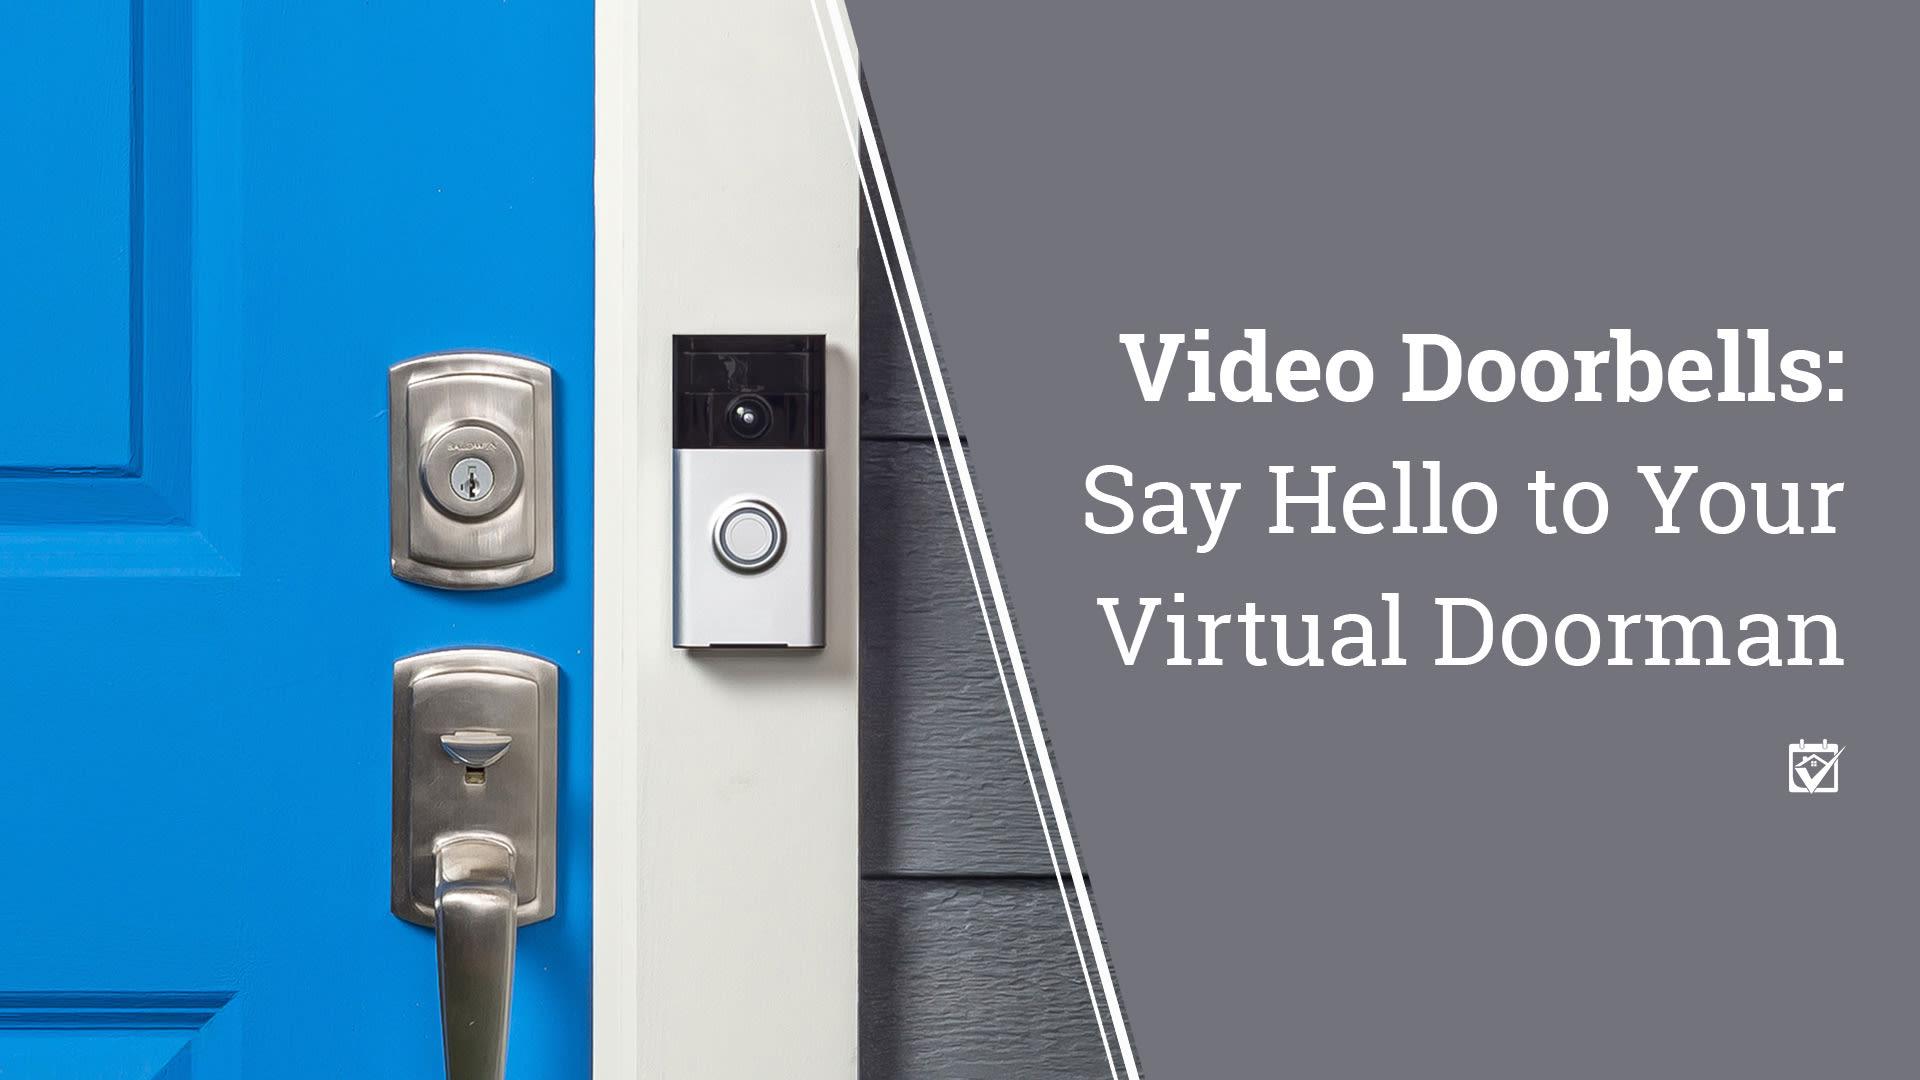 Video Doorbells.  Your own personal doorman